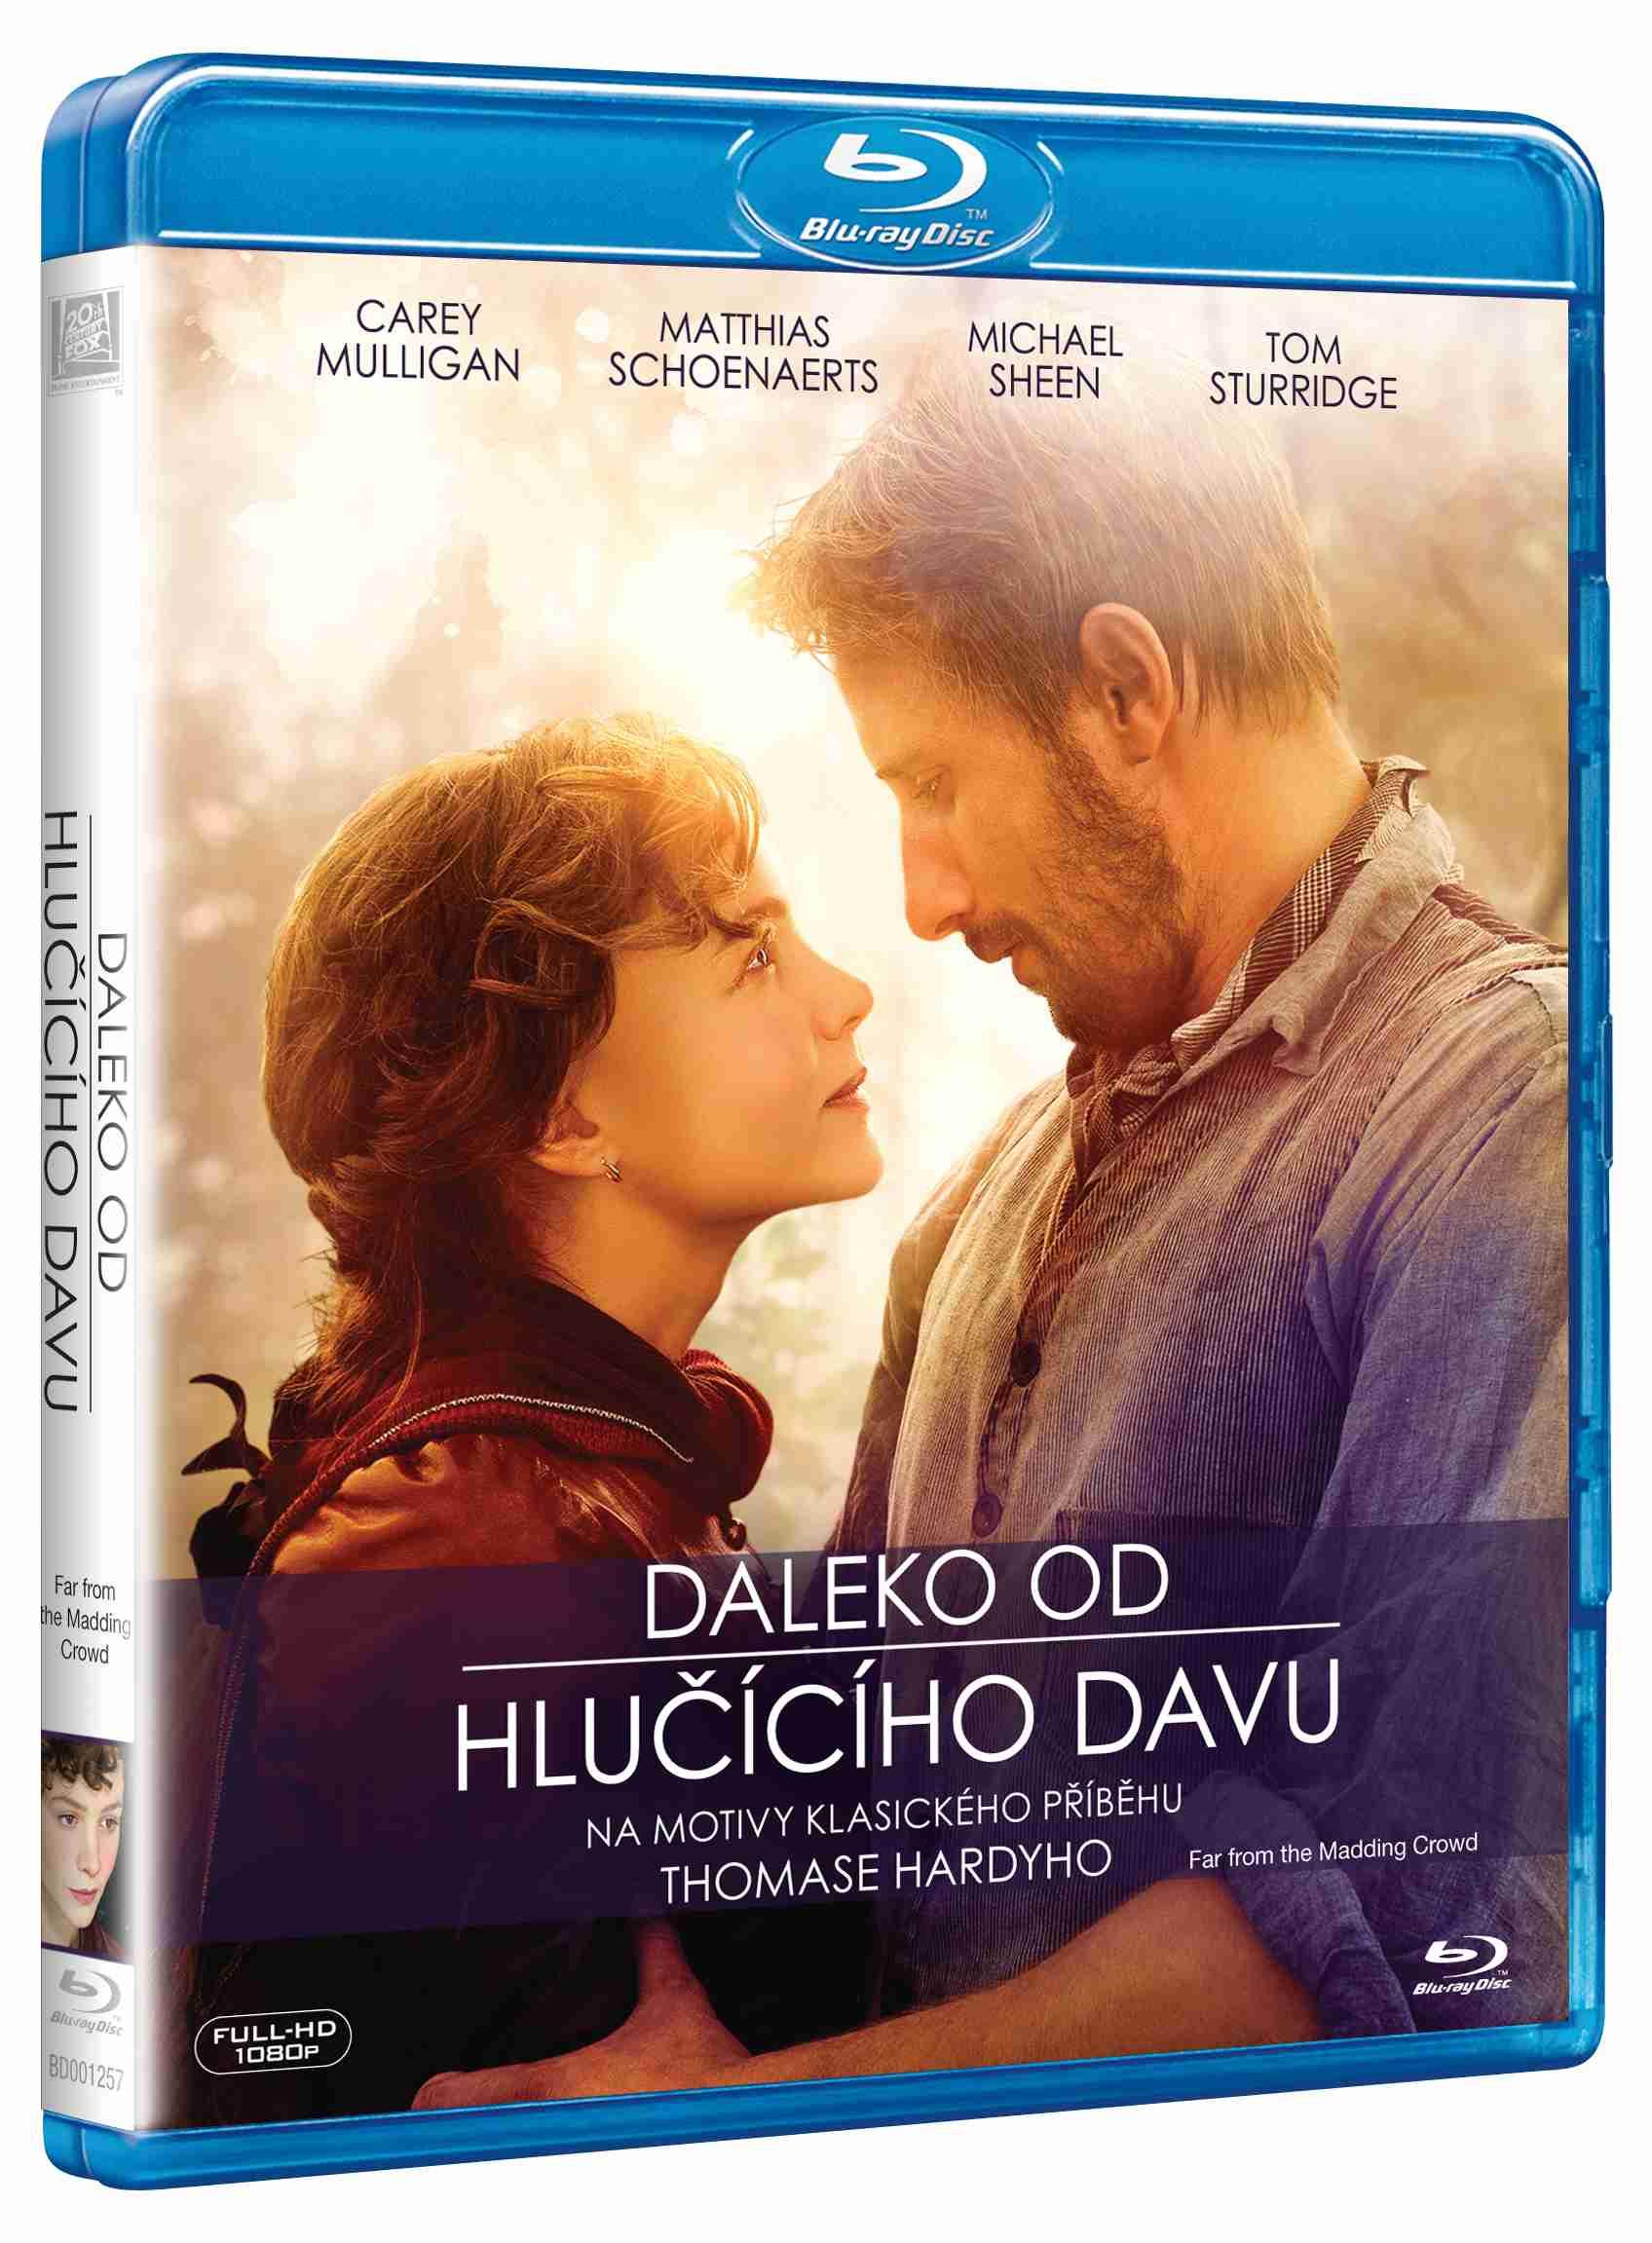 DALEKO OD HLUČÍCÍHO DAVU - Blu-ray